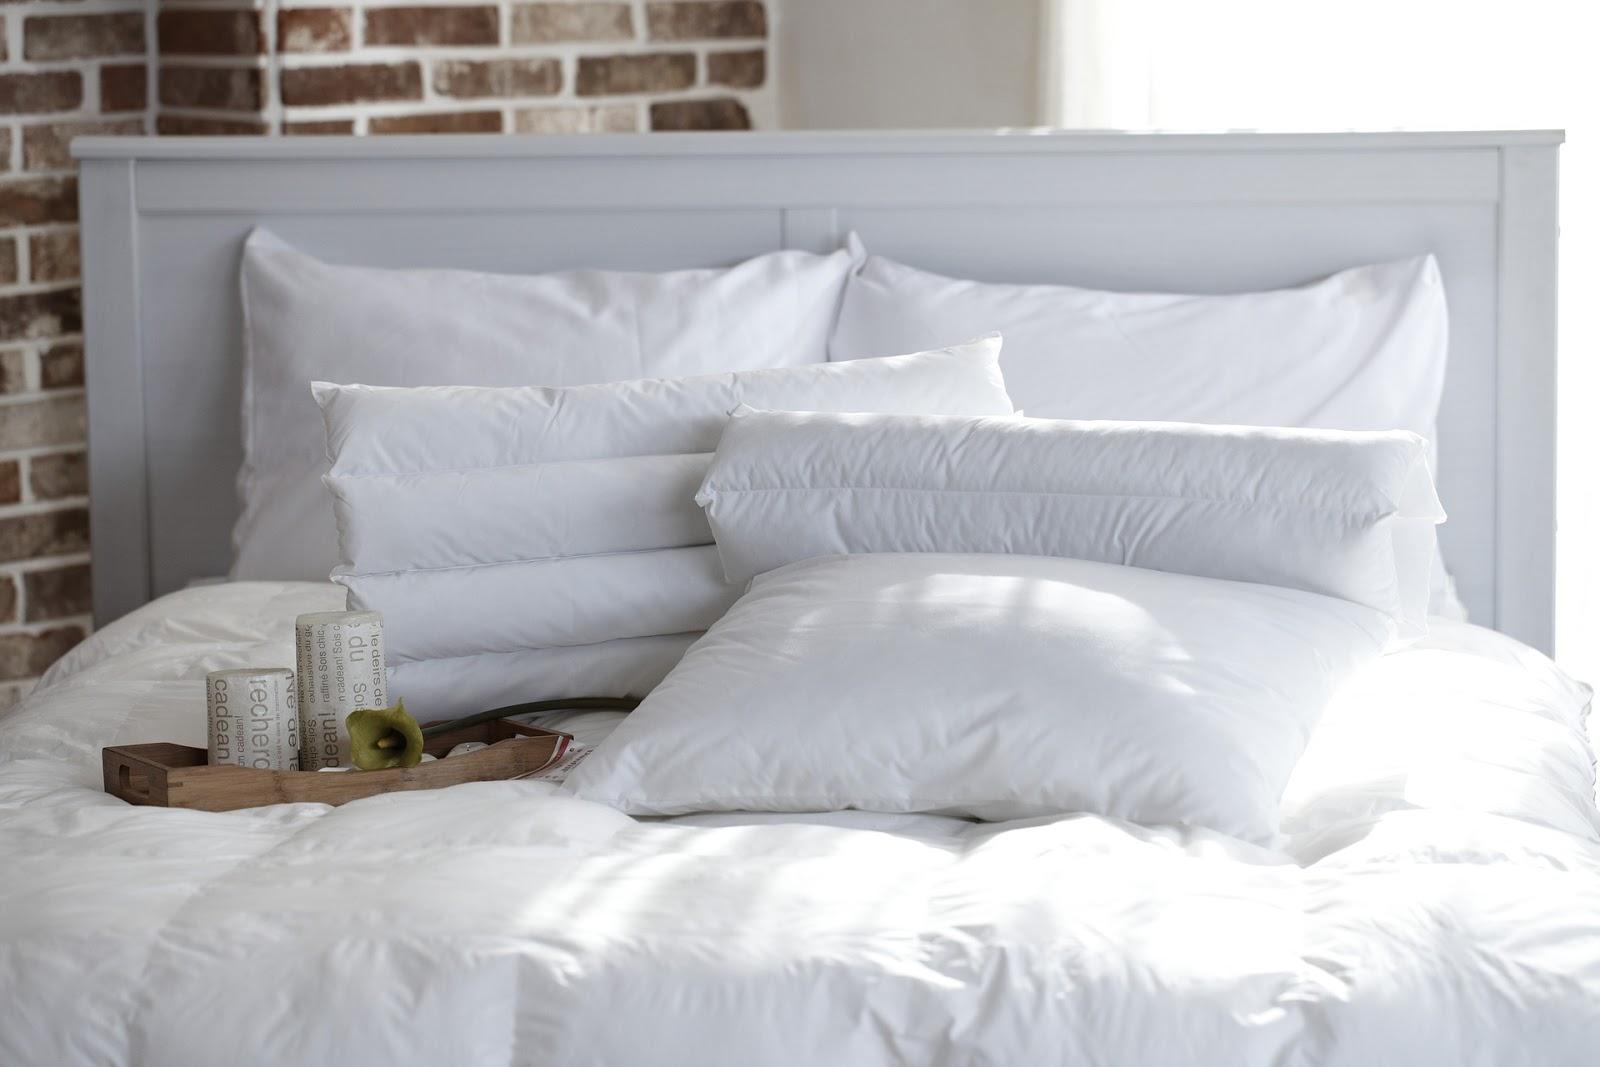 Manualidades y tendencias la mejor manera para colocar la cama seg n el feng shui - Posicion cama feng shui ...